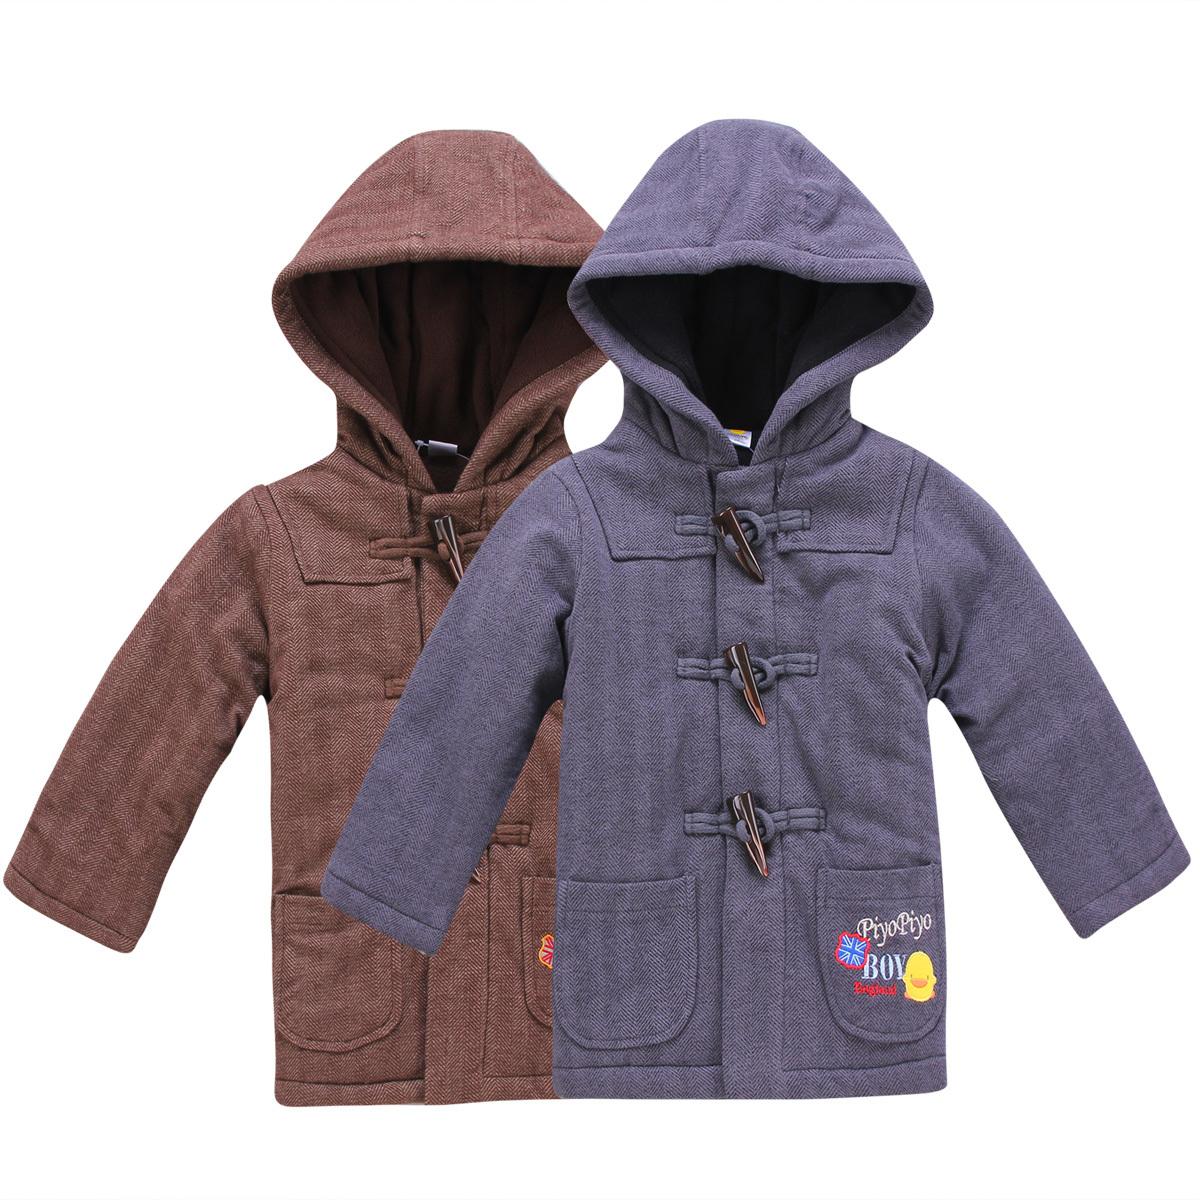 Пальто детское PIYOPIYO  024405